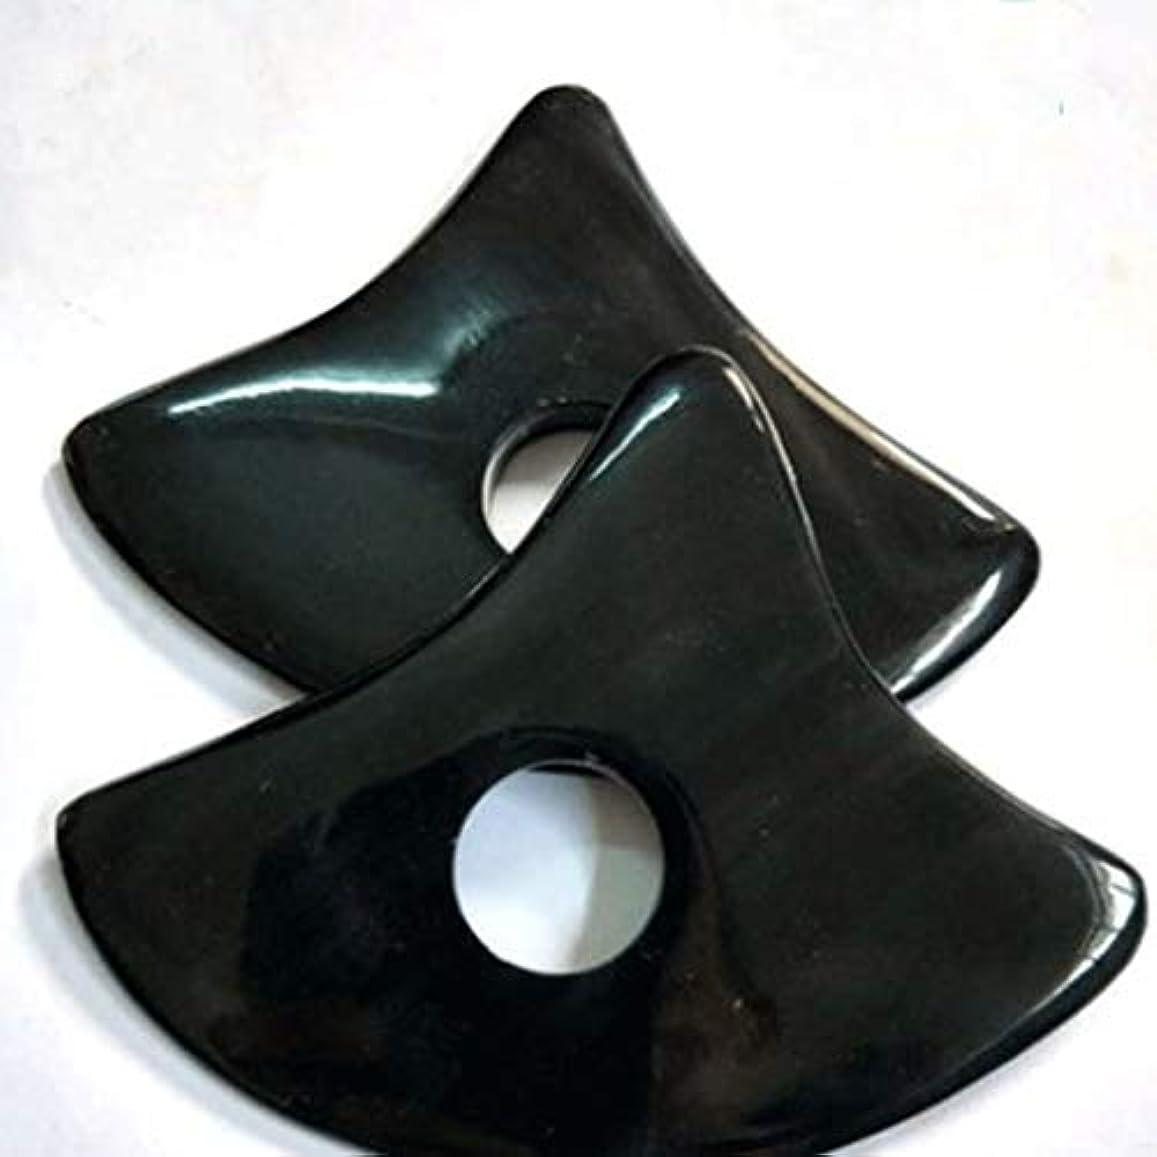 君主制歪める最悪プレート削れを掻き板黒水牛三角板を掻きスクレーパ板手作りハイグレード自然健康ホーン